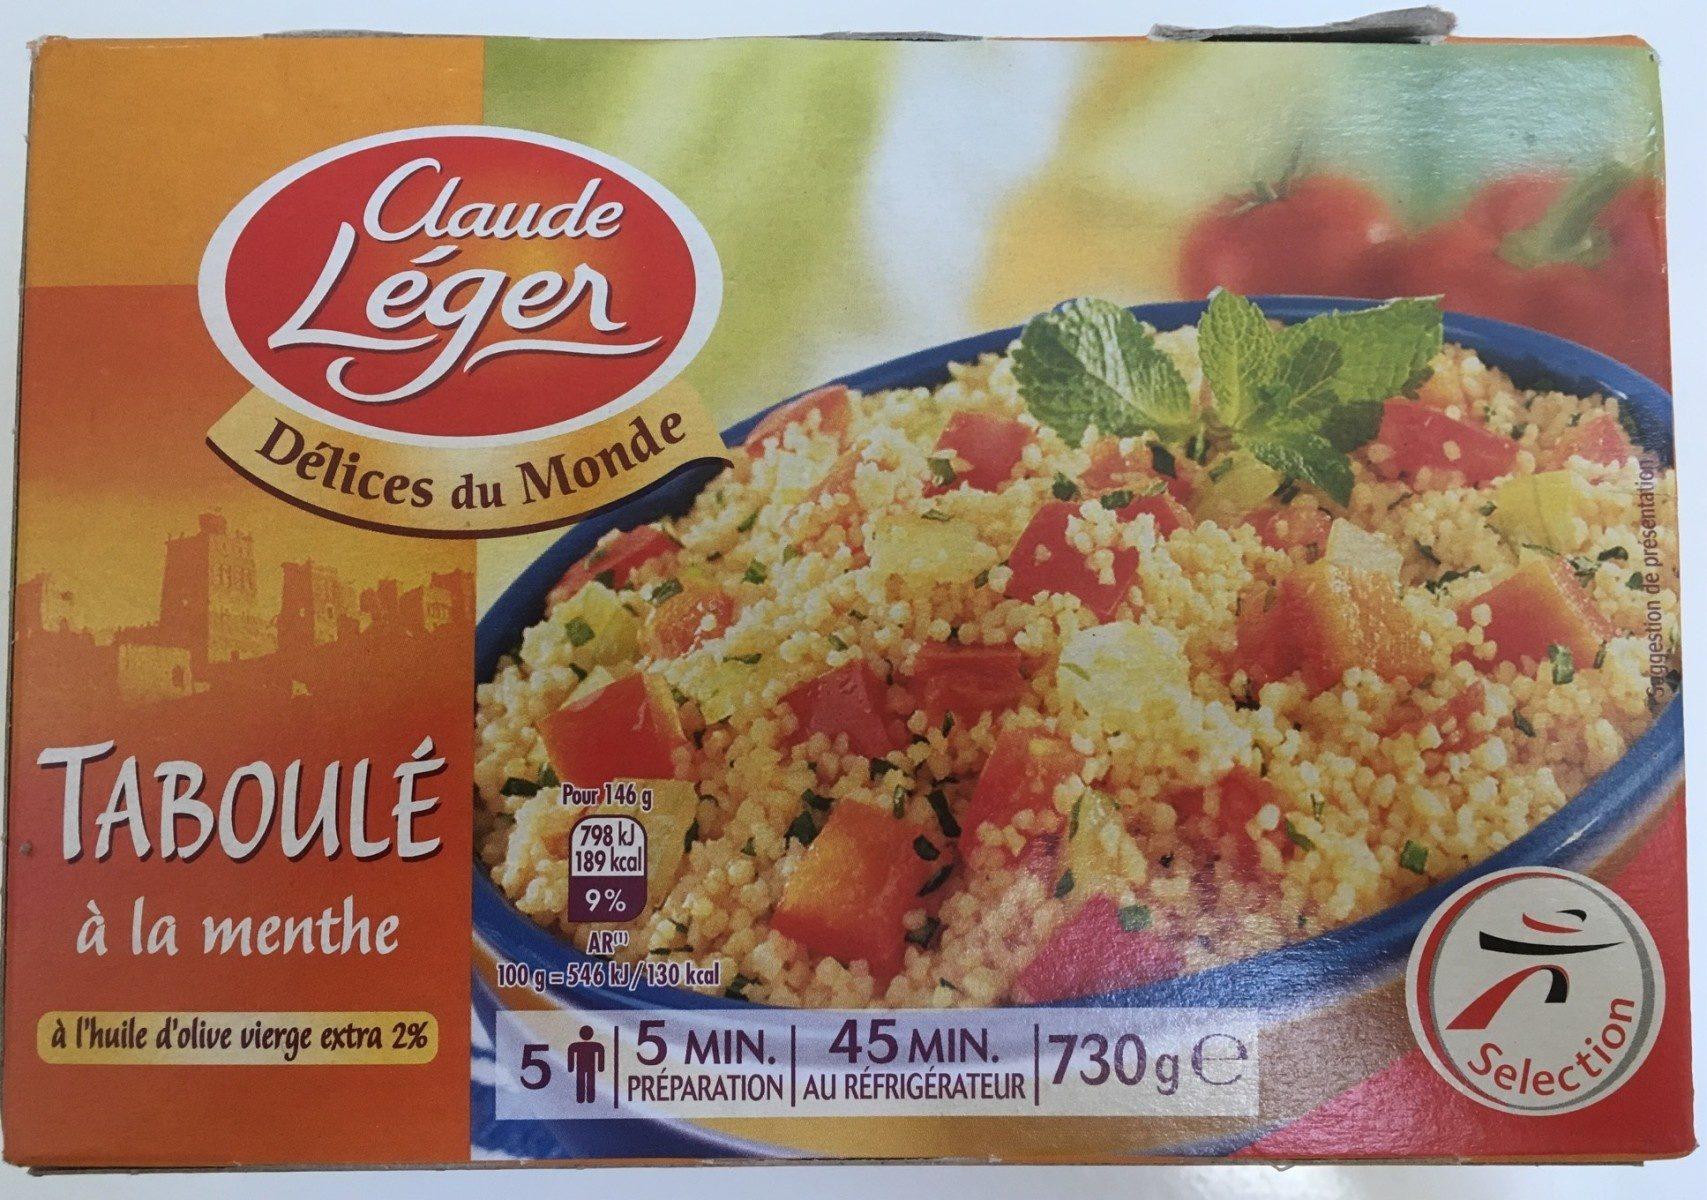 Taboulé menthe & huile d'olive - Product - fr